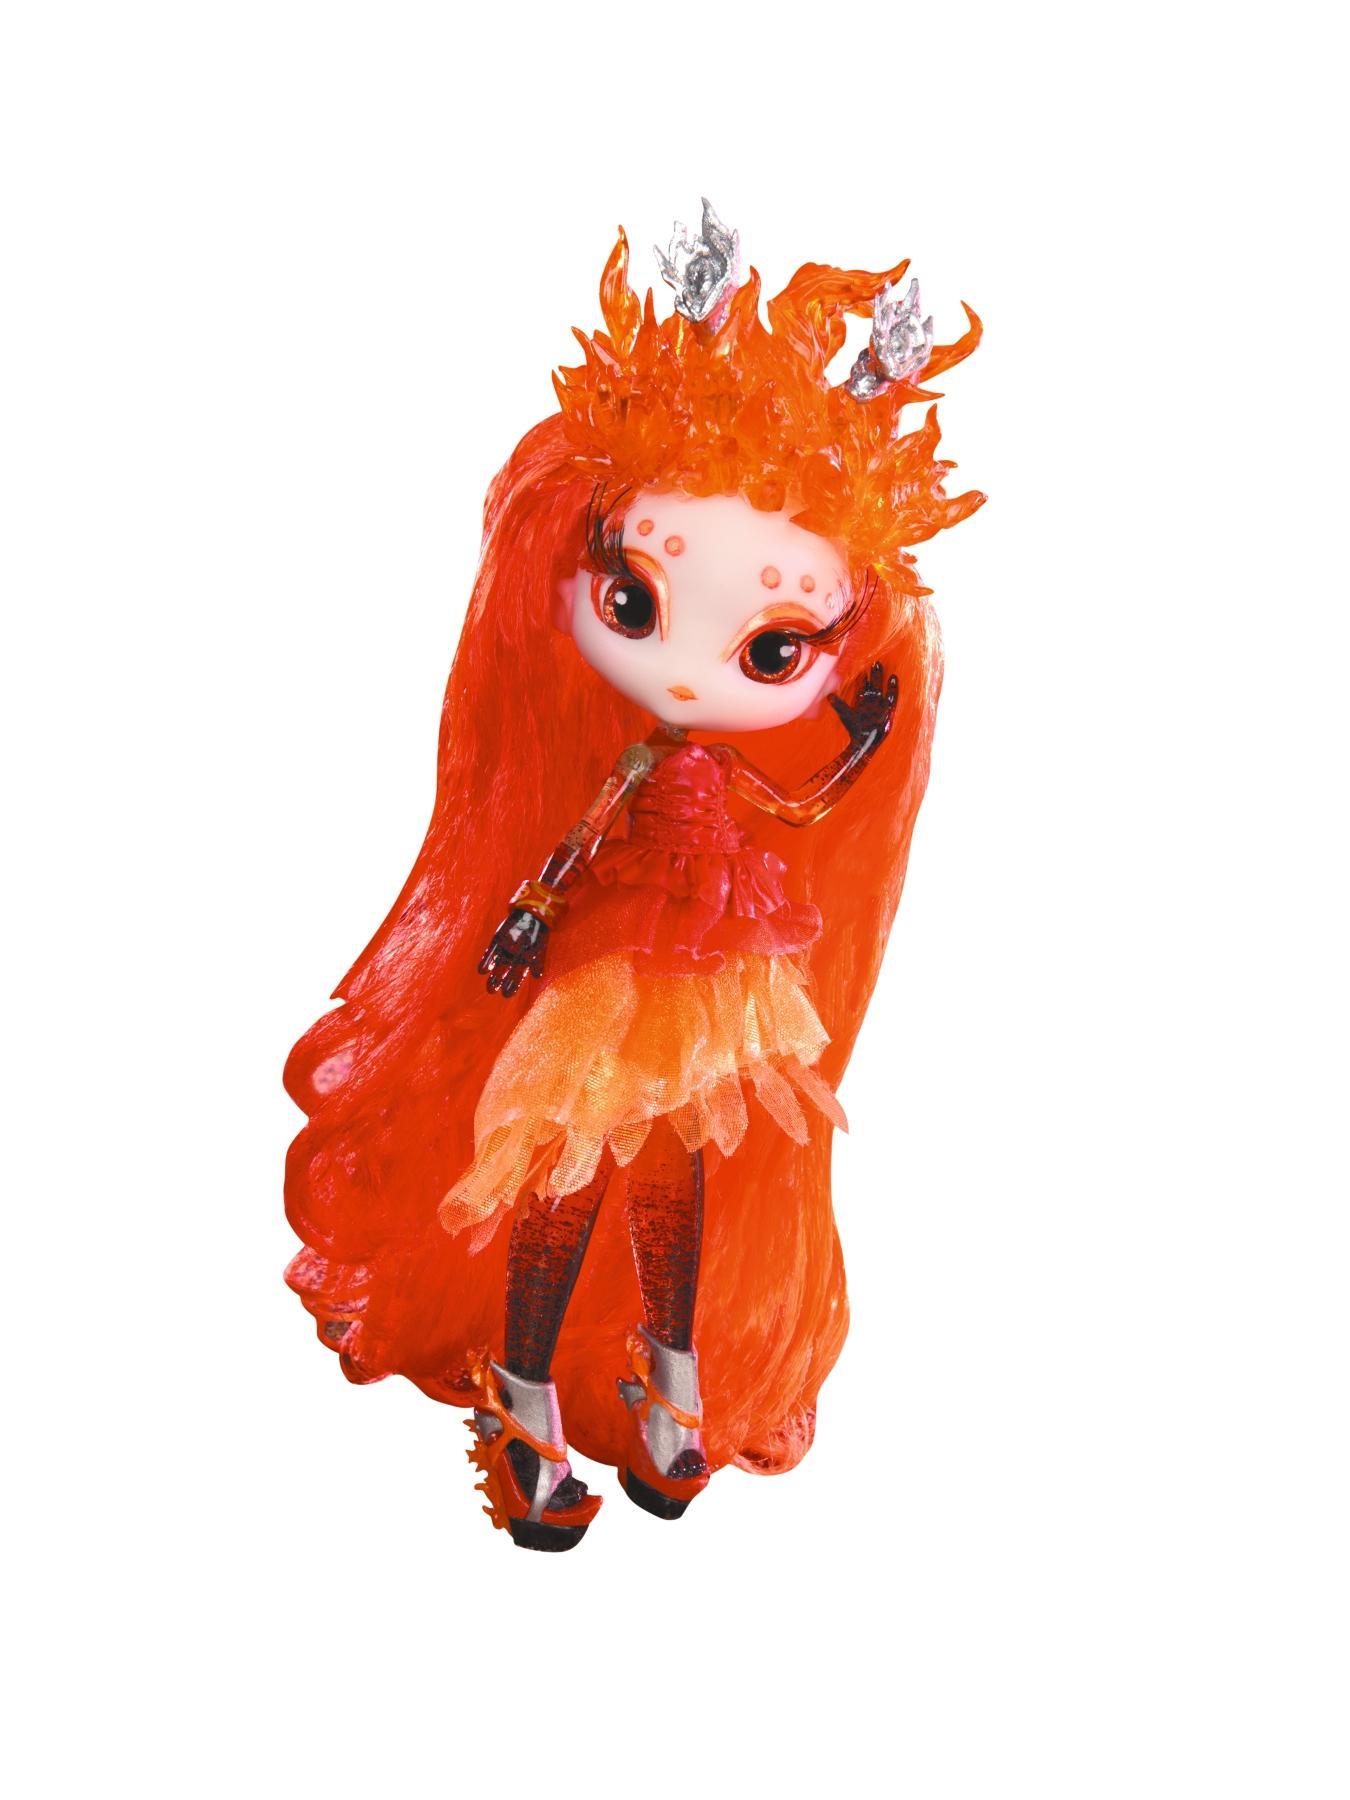 Doll - Ina Ferna